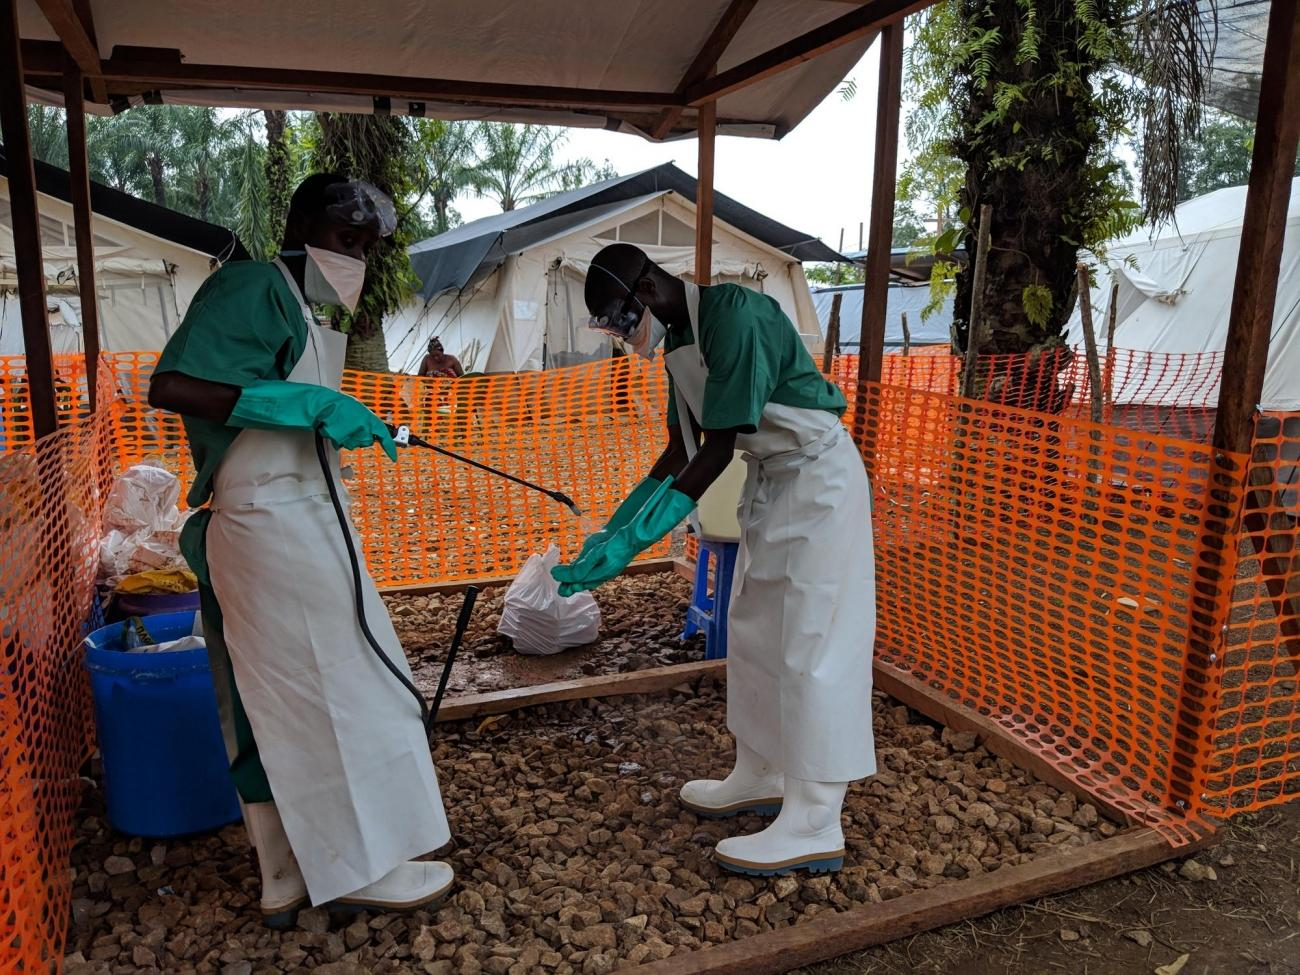 Une désinfection après unedistribution de nourriture aux patients dans le centre de traitement d'Ebola de Mangina. Nord-Kivu. République démocratique du Congo.  © Karin Huster/MSF